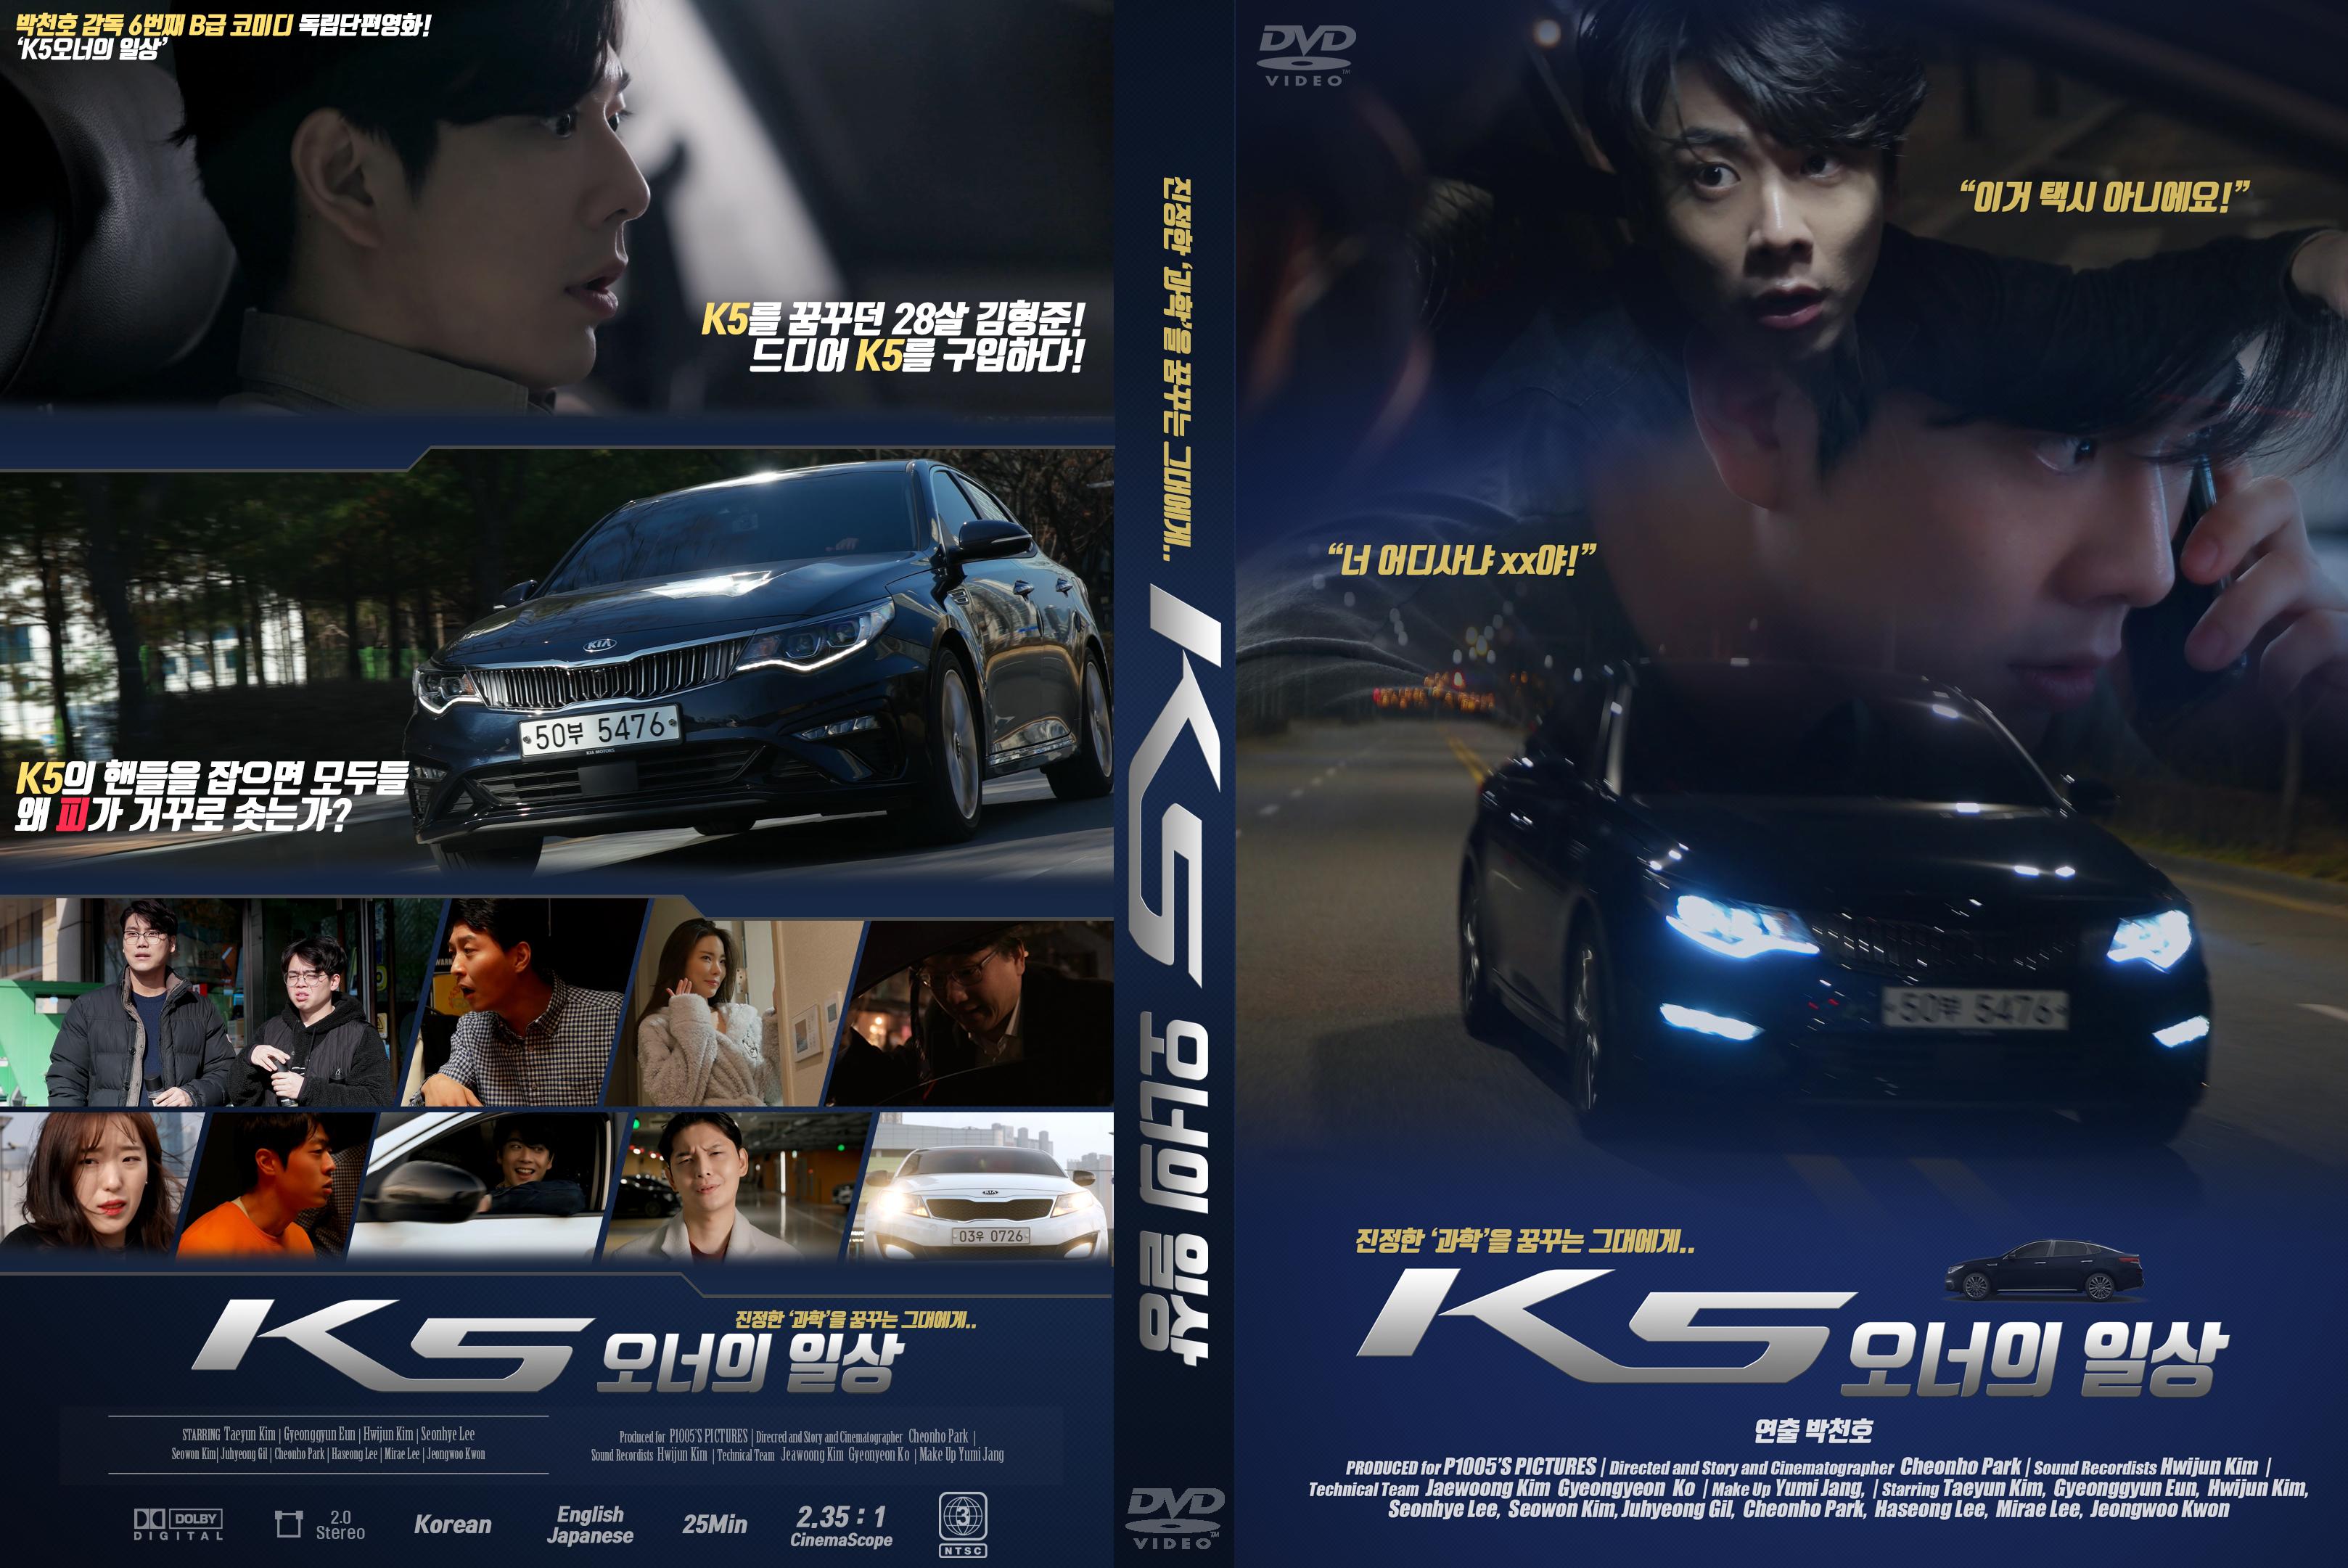 K5오너의 일상 DVD표지